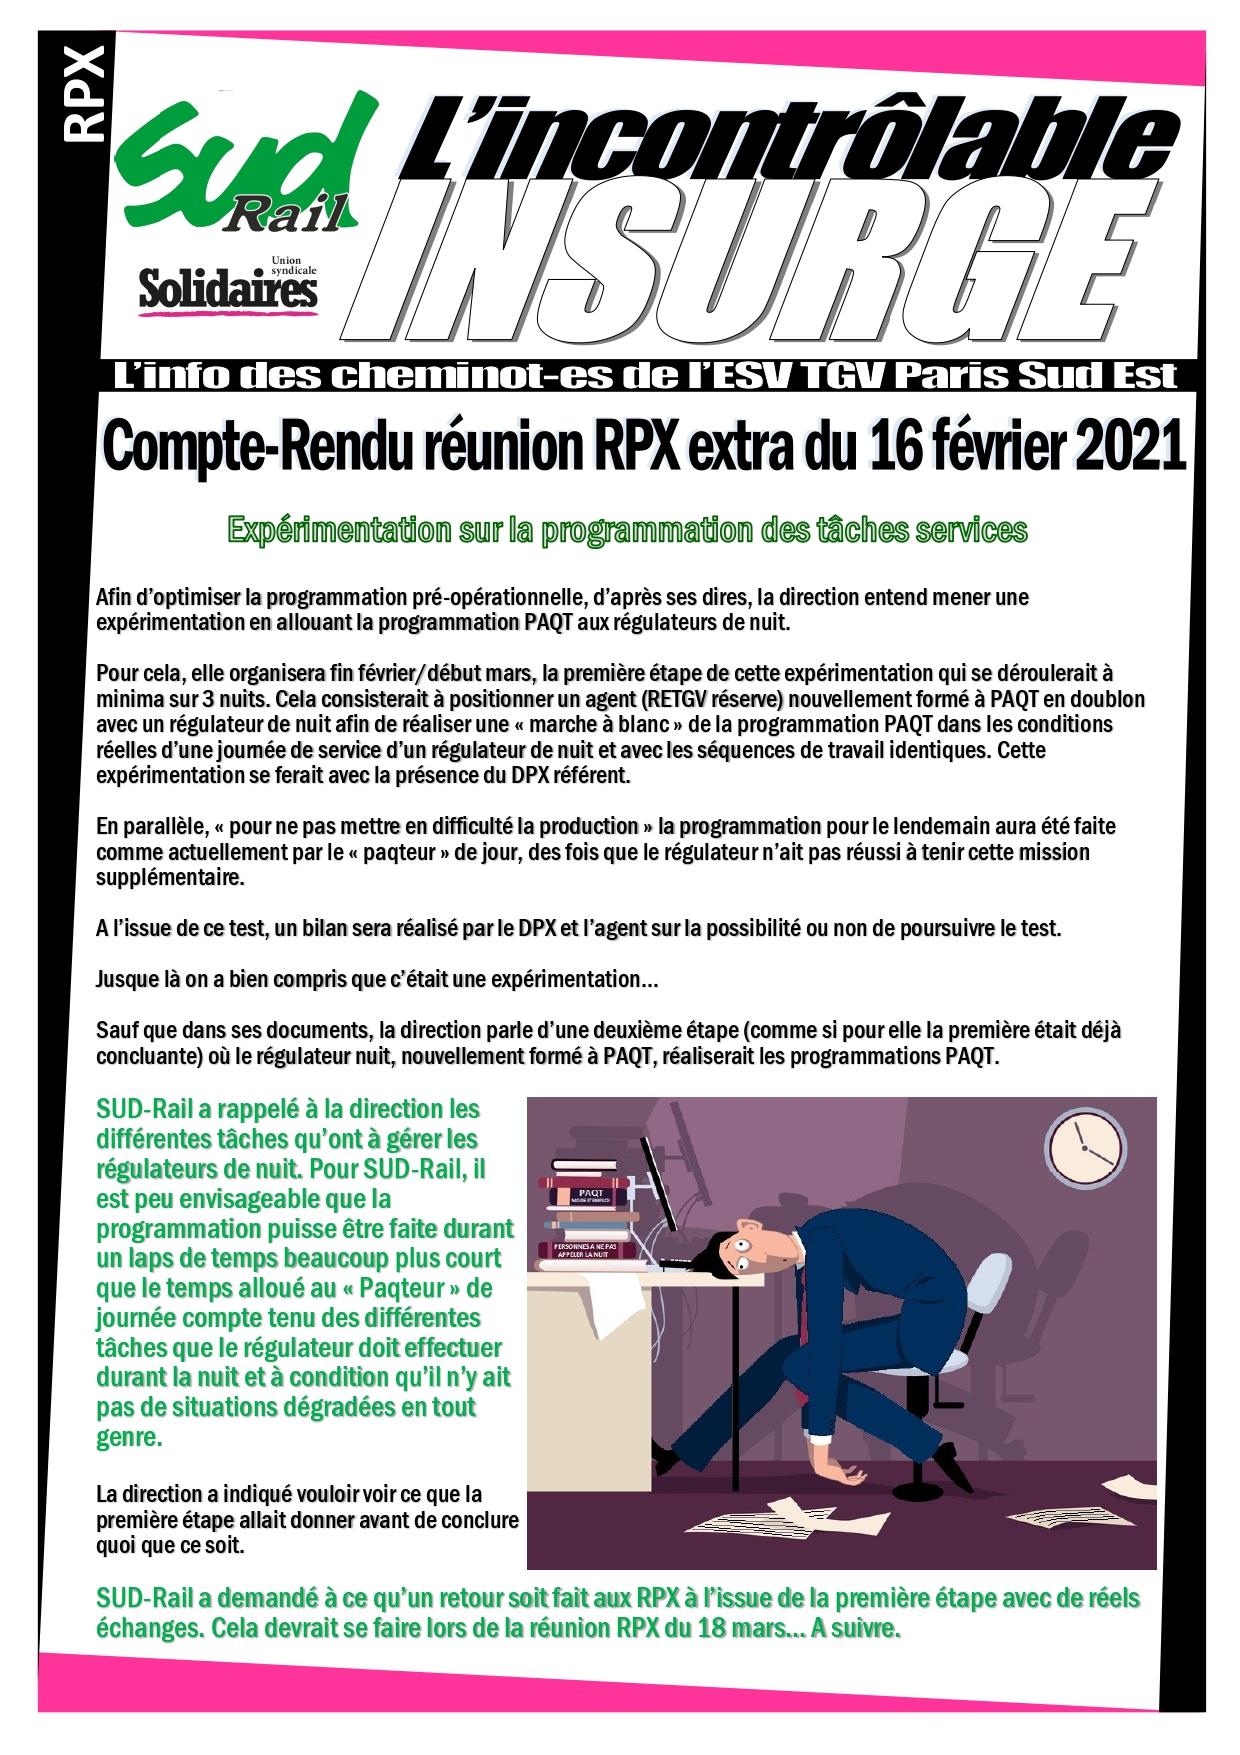 Réunion RPX extra du 16 février 2021